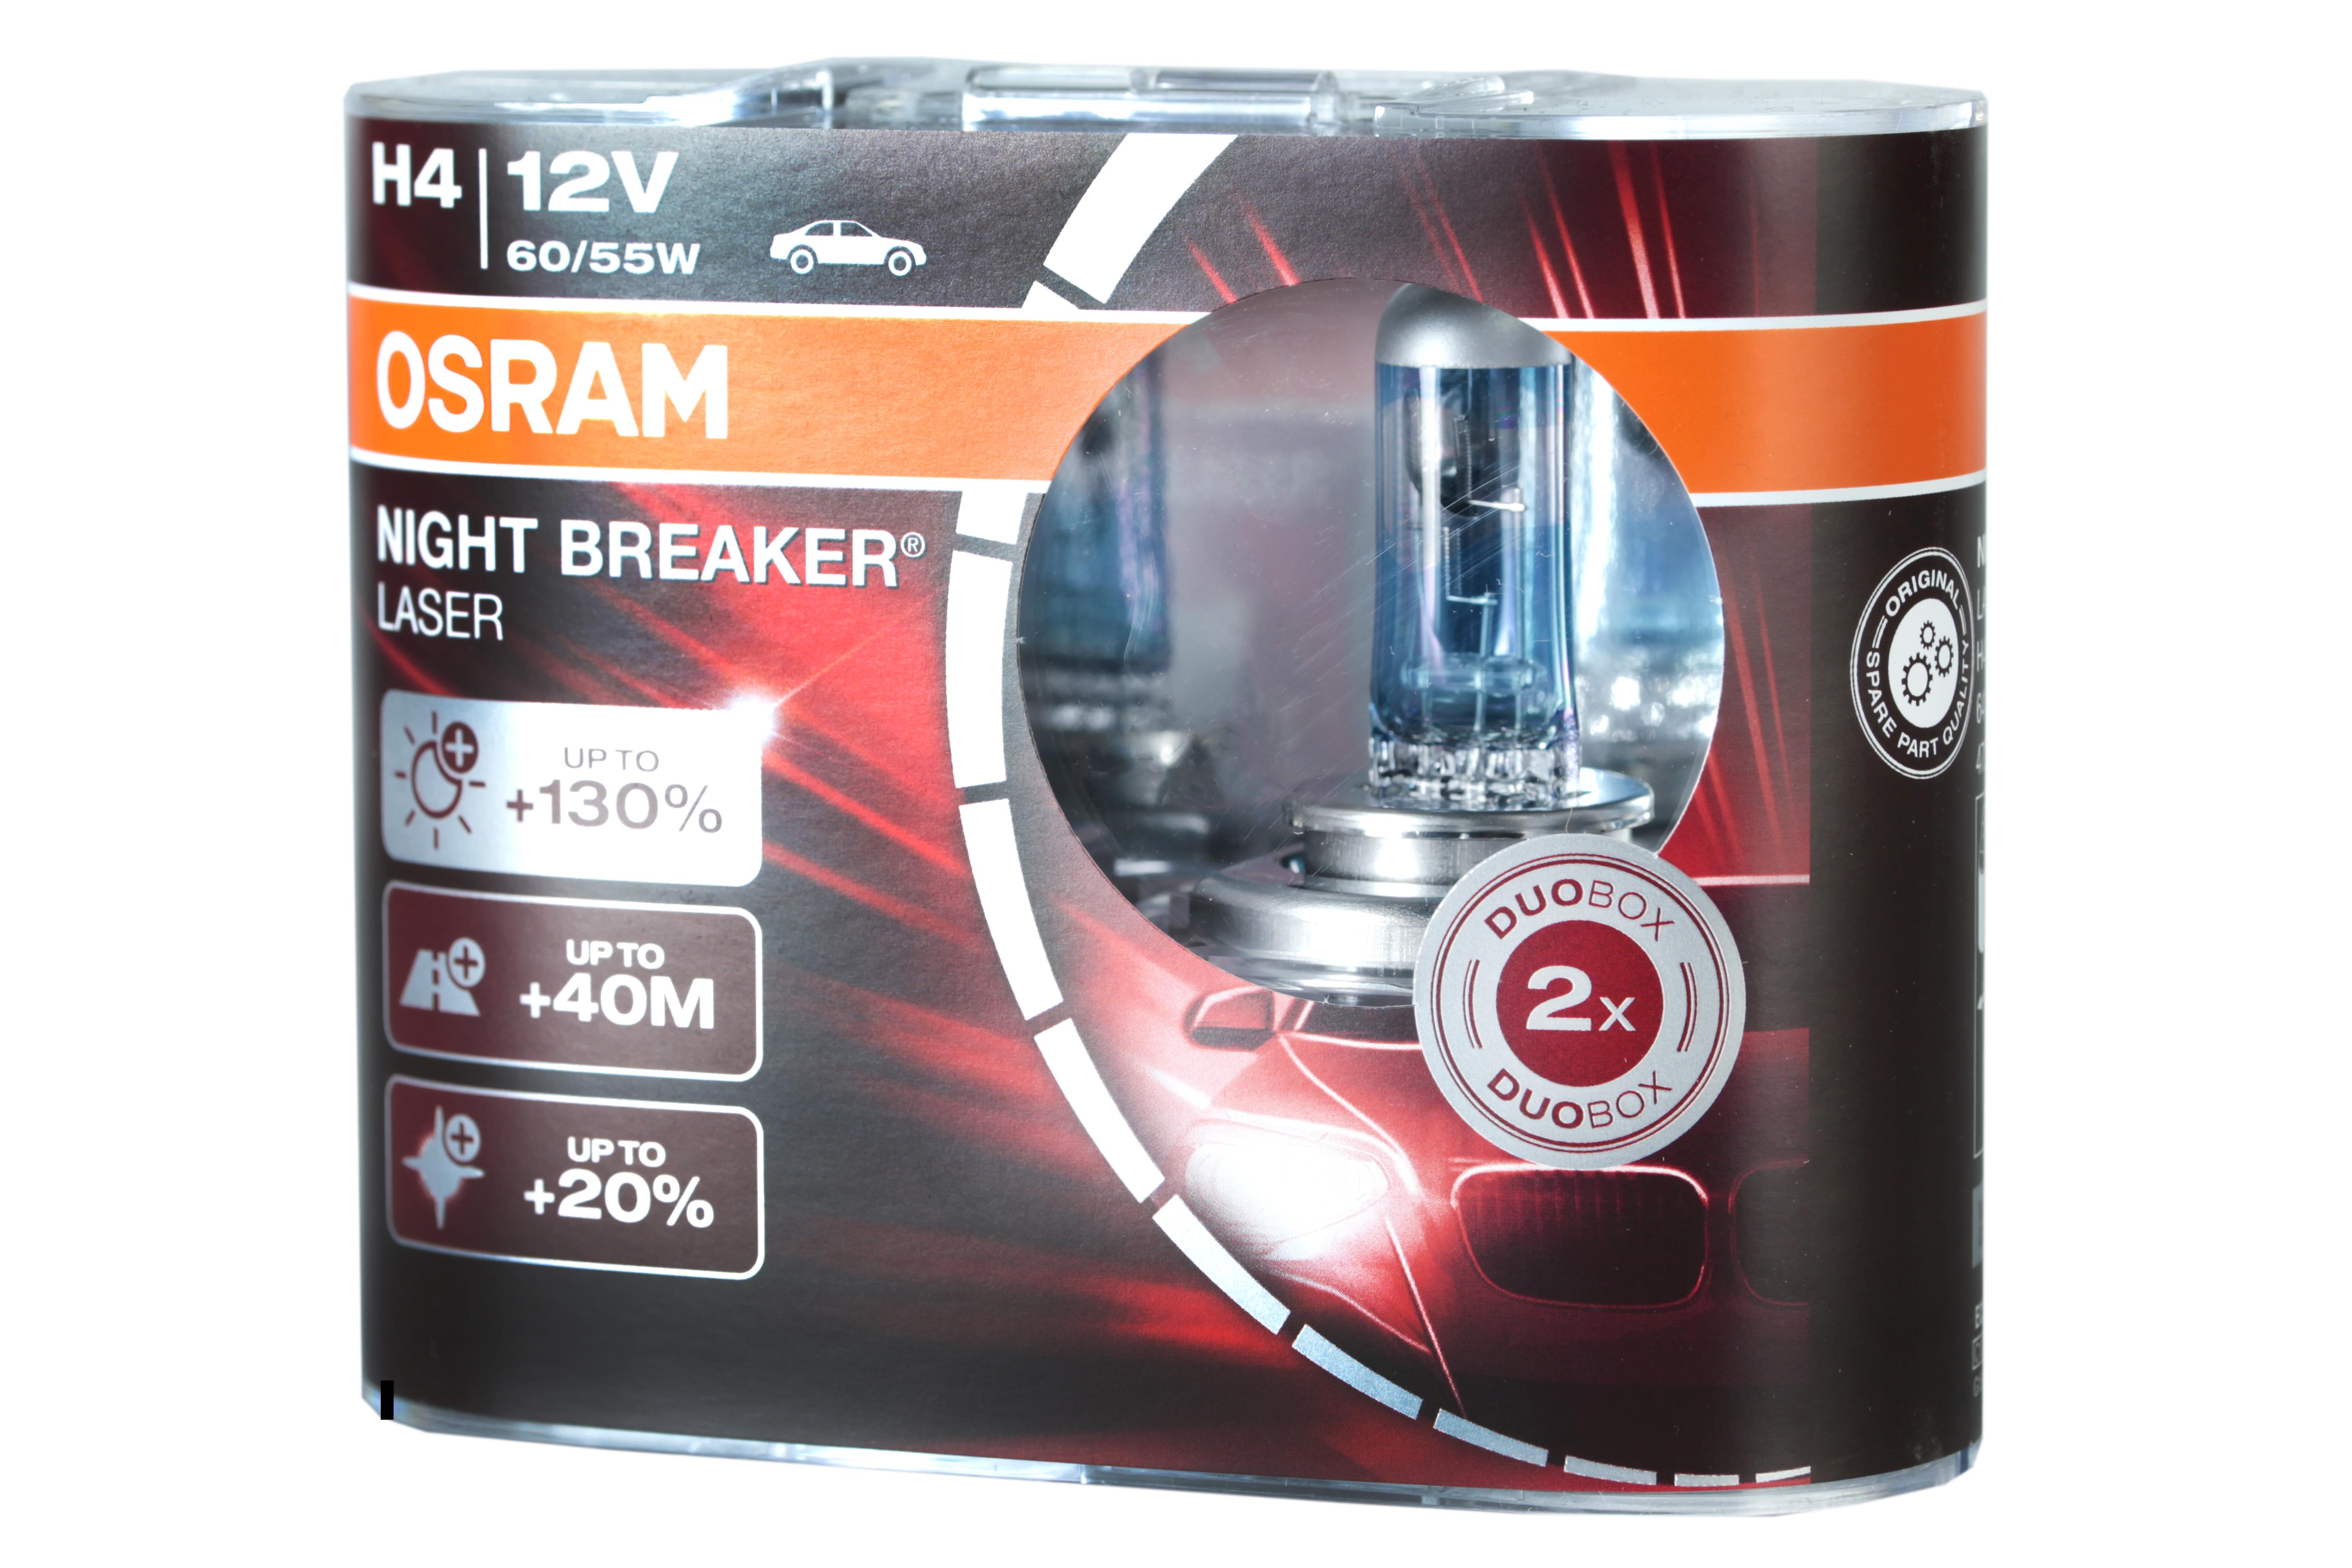 osram h4 nbl night breaker laser halogen lampen hk. Black Bedroom Furniture Sets. Home Design Ideas